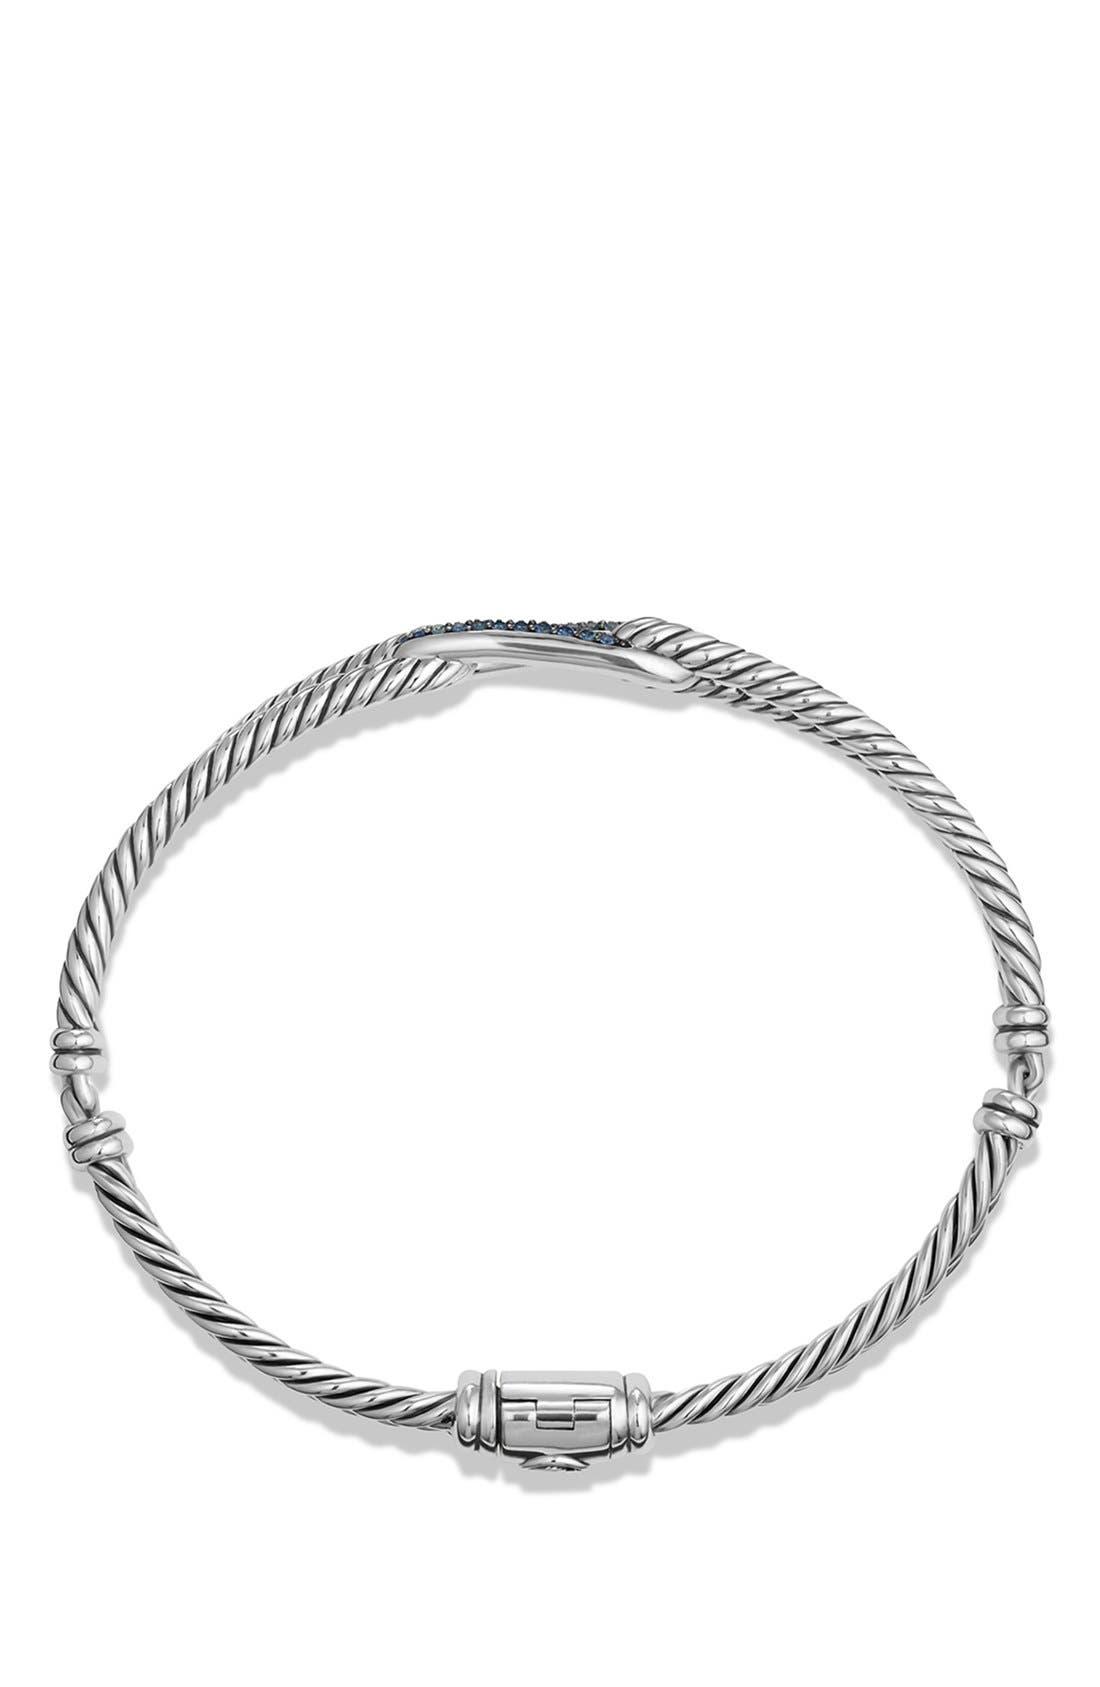 'Labyrinth' Petite Pavé Single-Loop Bracelet with Sapphires,                             Alternate thumbnail 2, color,                             BLUE SAPPHIRE